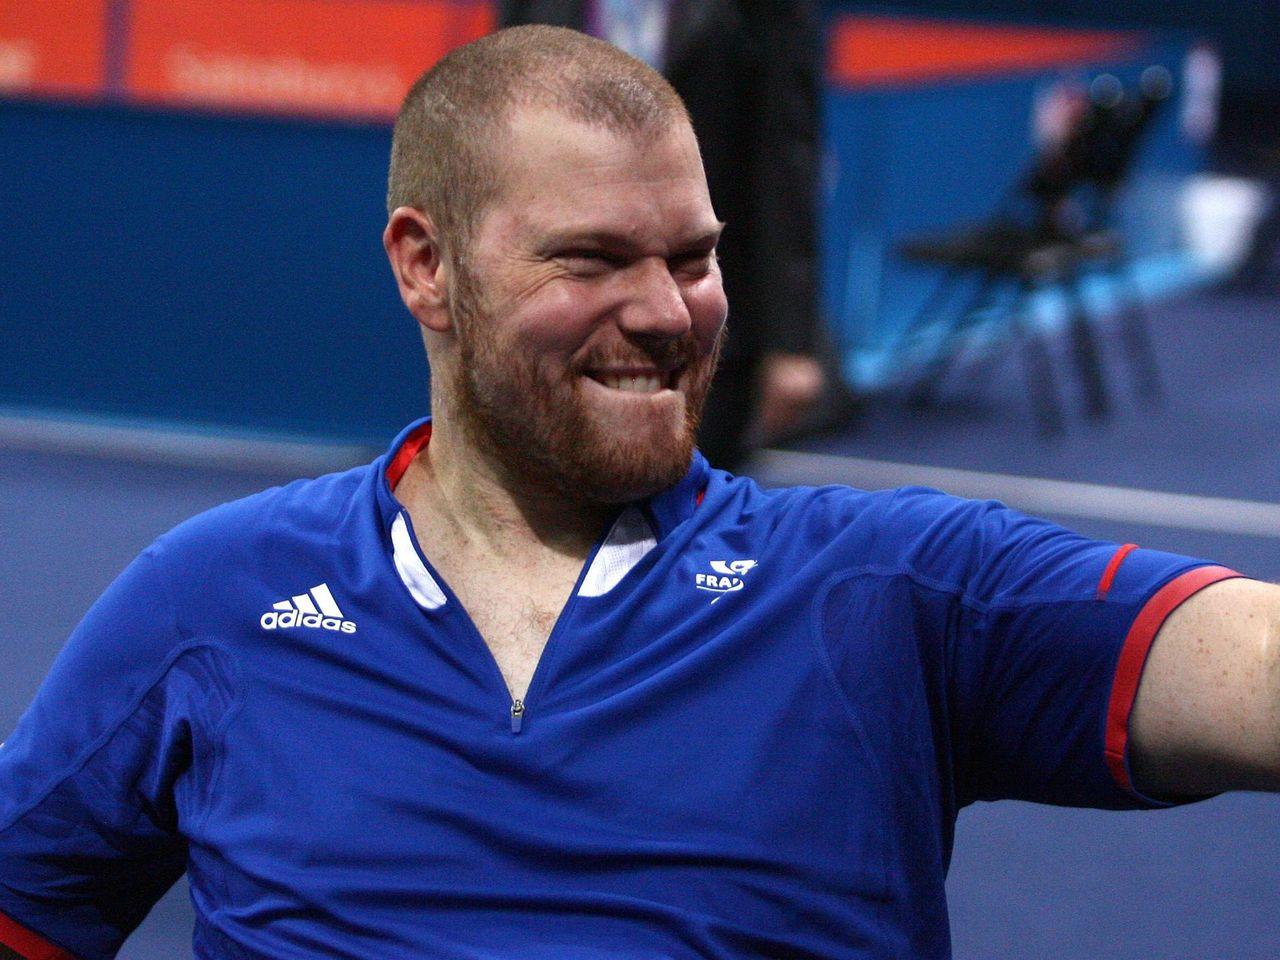 Jeux Paralympiques 4e Medaille D Or Pour La France Eurosport